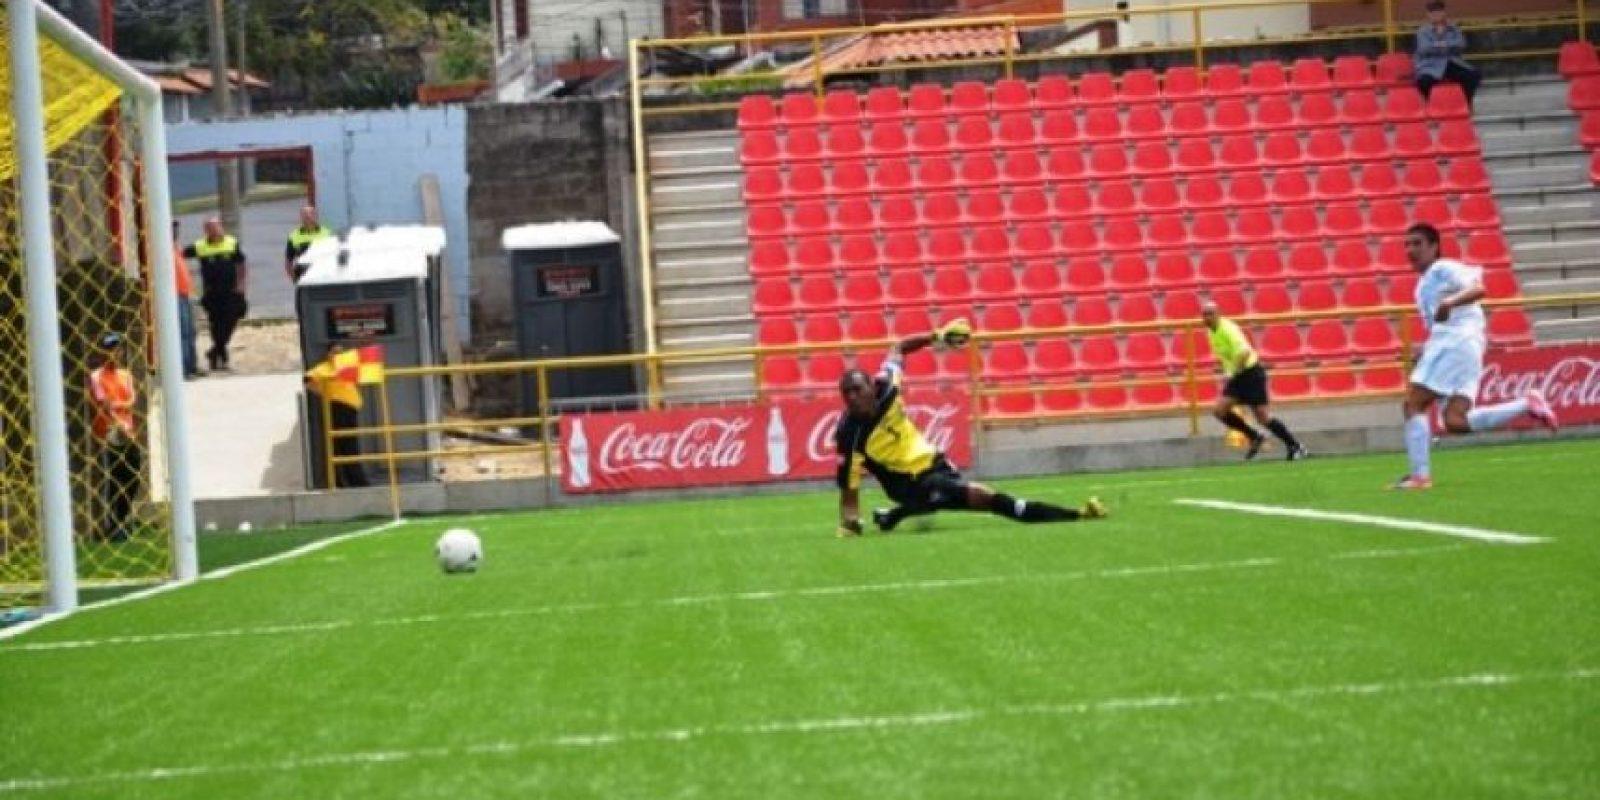 Brandon de León vence al portero panameño Iván Picart, para el único tanto de Guatemala frente a Panamá. Foto:Mynor Arita, enviado especial